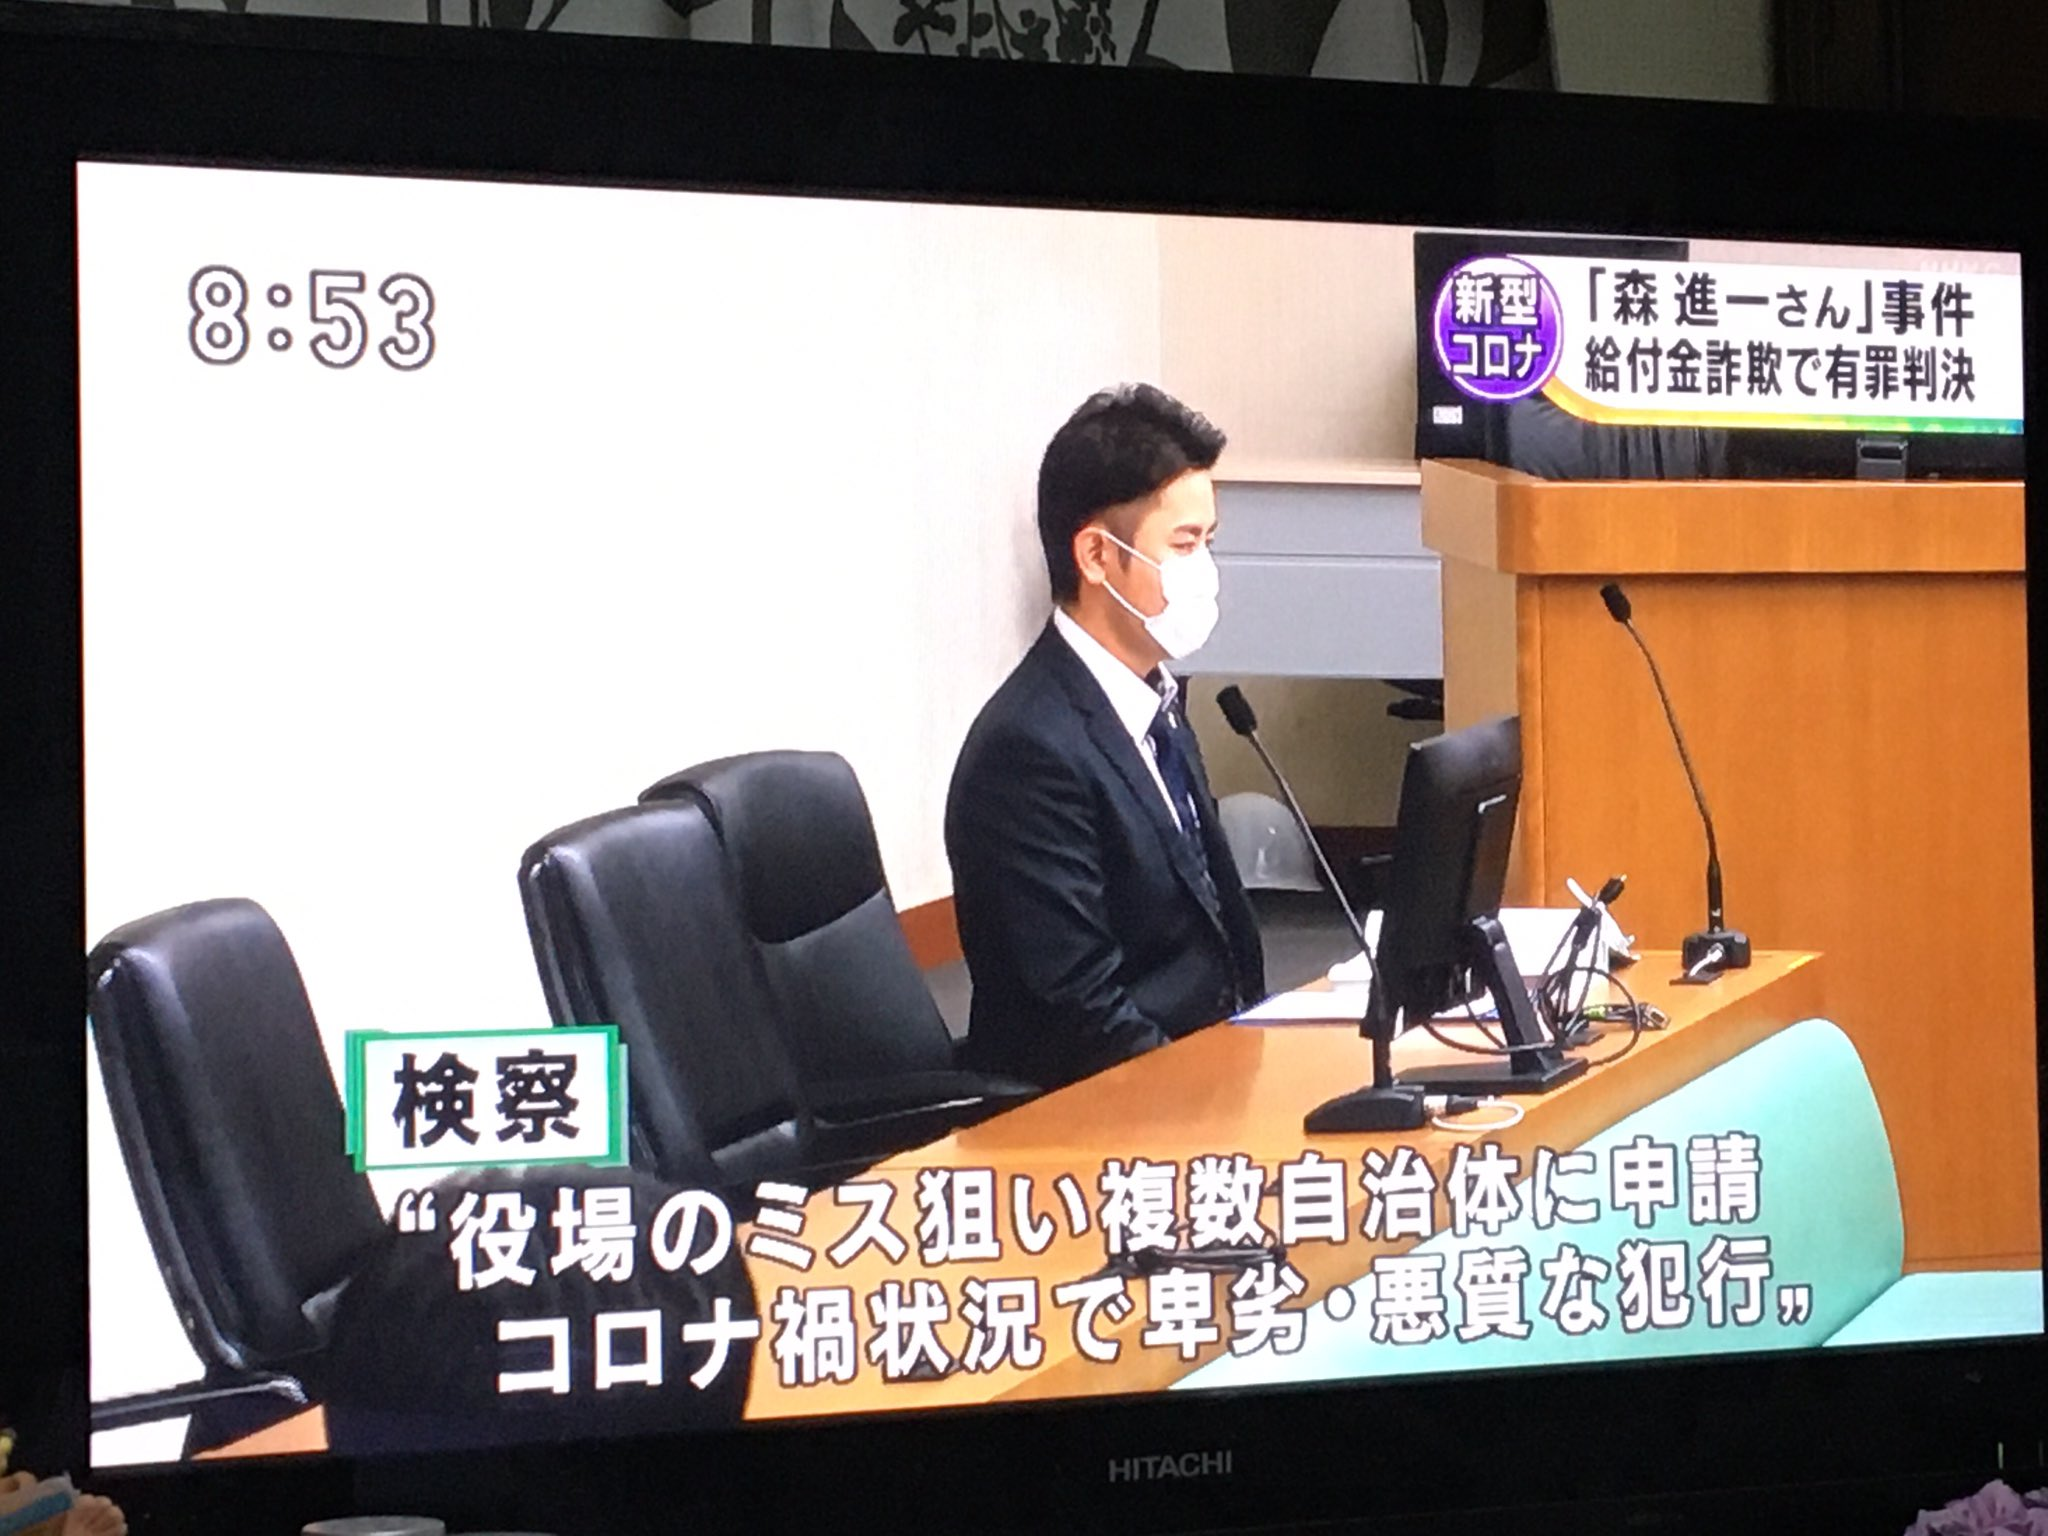 画像,名古屋市の森進一被告が、石川県在住の「森進一」さんになりすまして給付金を申請して50万を詐取し、北海道と福島県の同姓同名男性にもなりすまして申請をしたが、職員に…